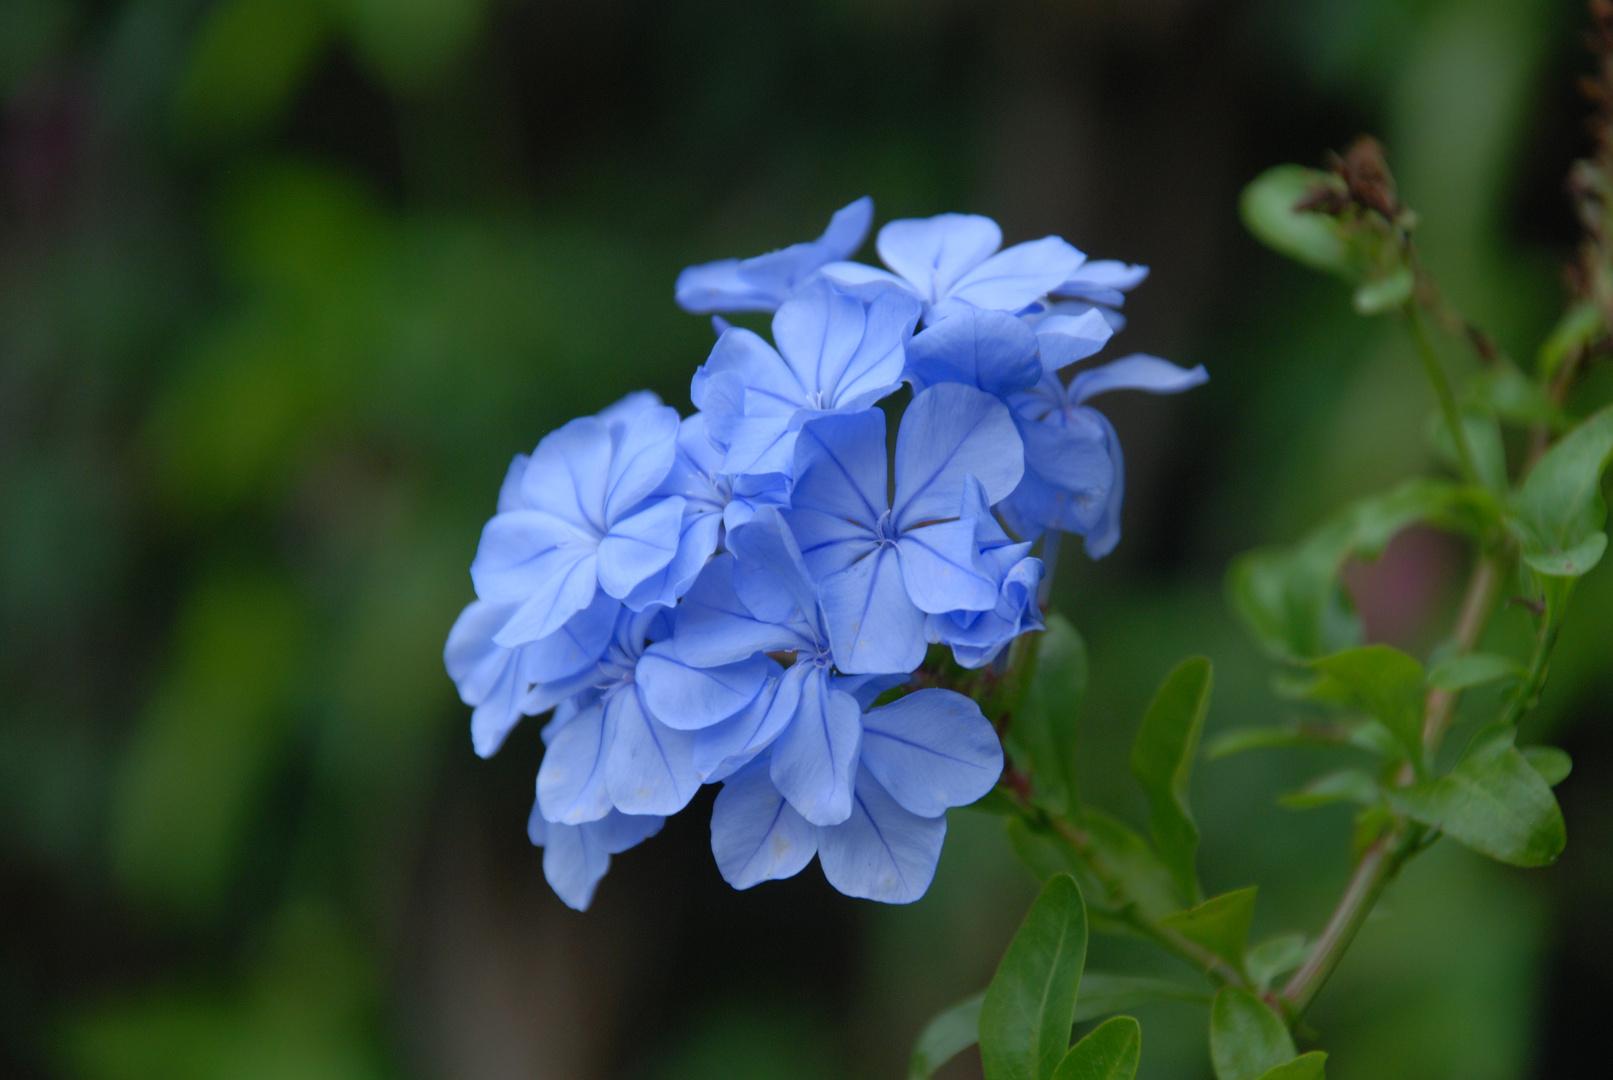 Schöne Blaue Blume oder sowas